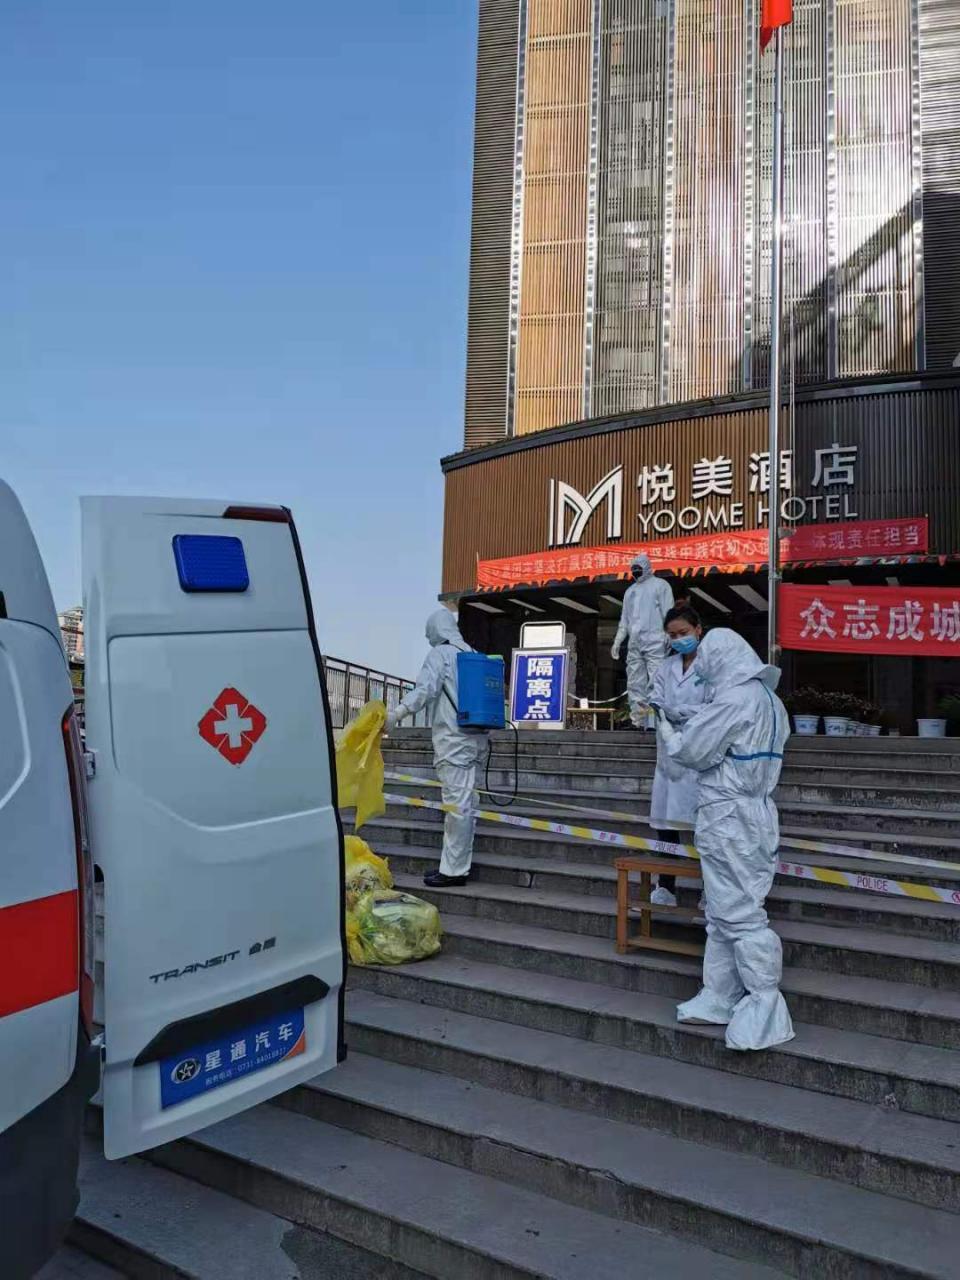 葛化集團駐悅美酒店集中隔離點 嚴格執行防控措施